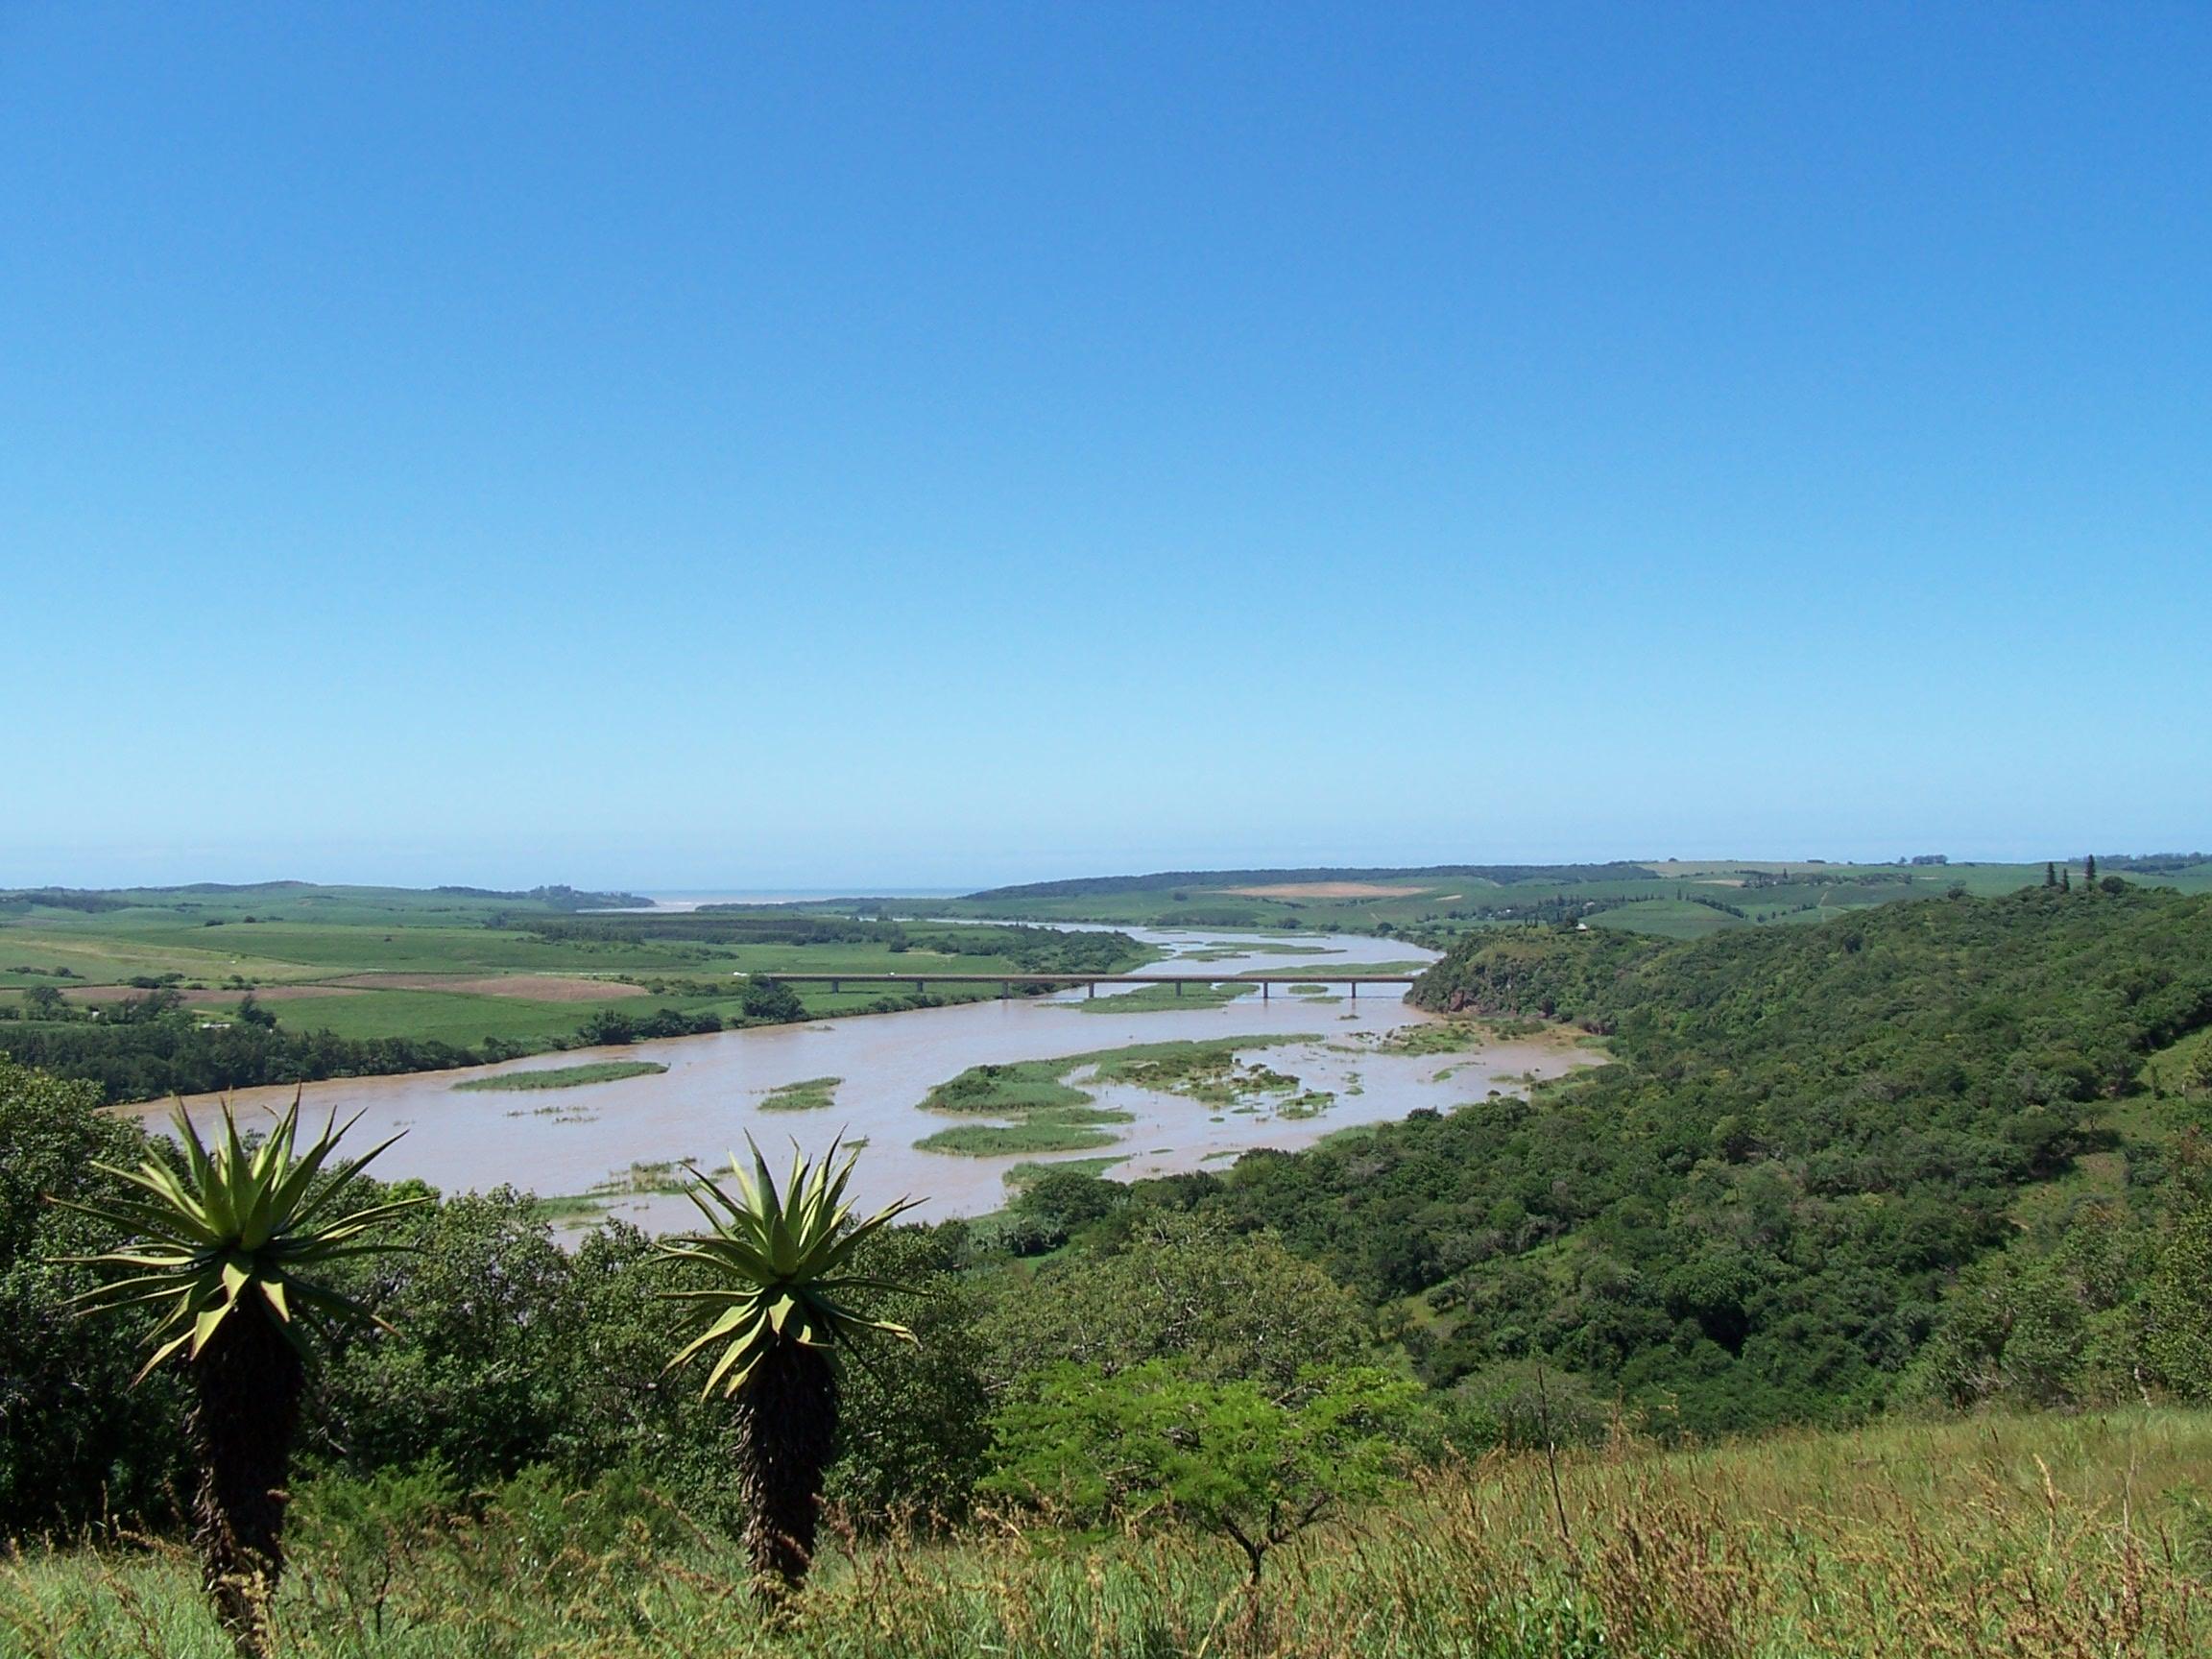 Tugela River File:Tugela riv...